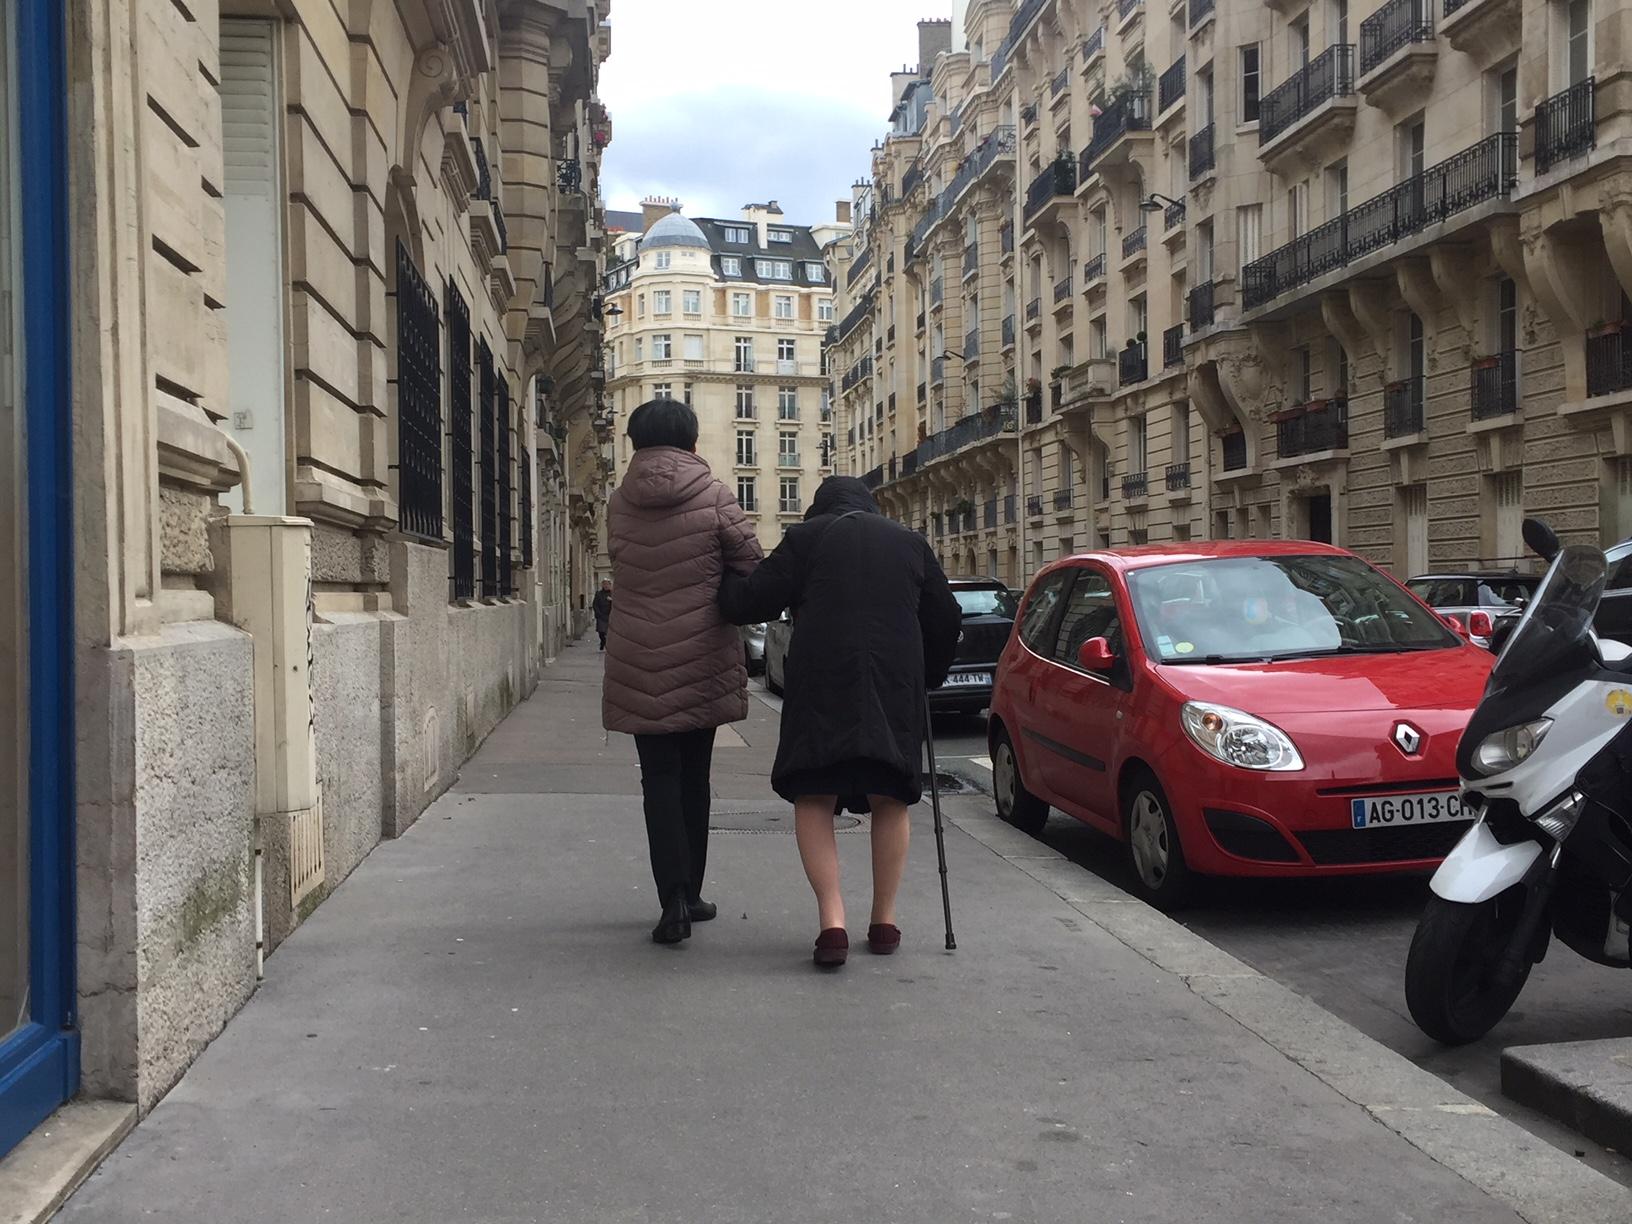 子供の世話にはならない! 自立を好むフランスのお年寄り、親と子のあり方。